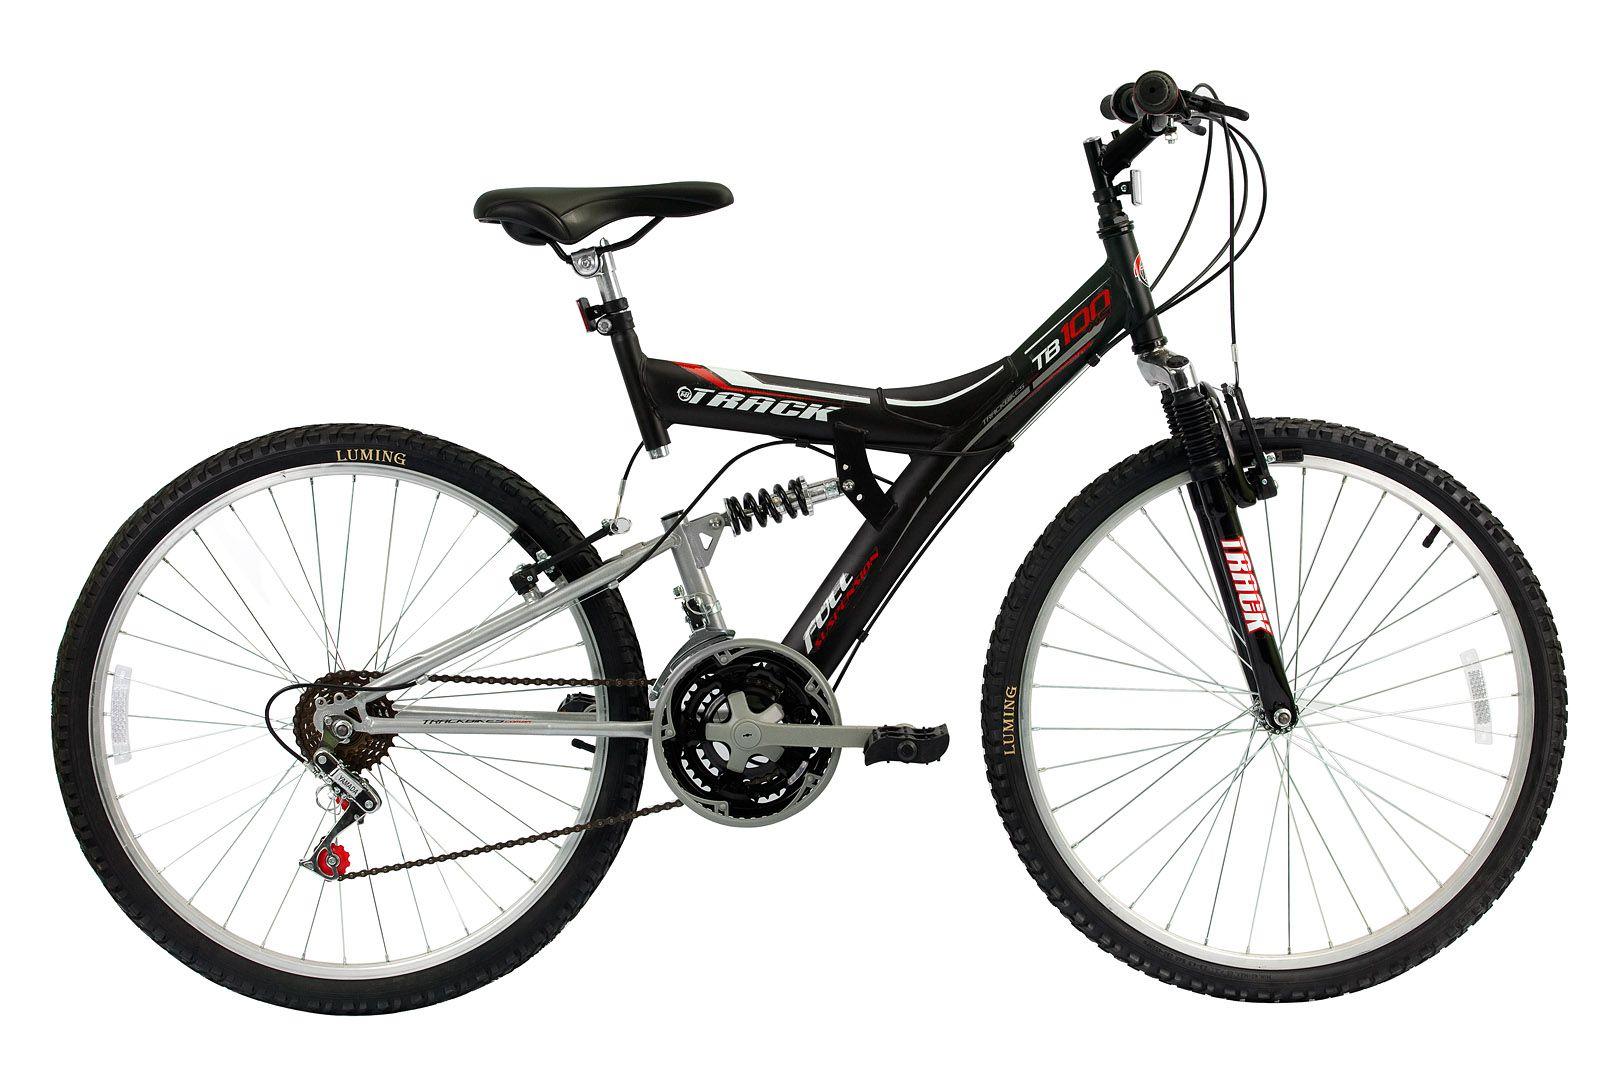 Bicicleta Track Bikes TB 100 Mountain Bike Aro 26 - PH